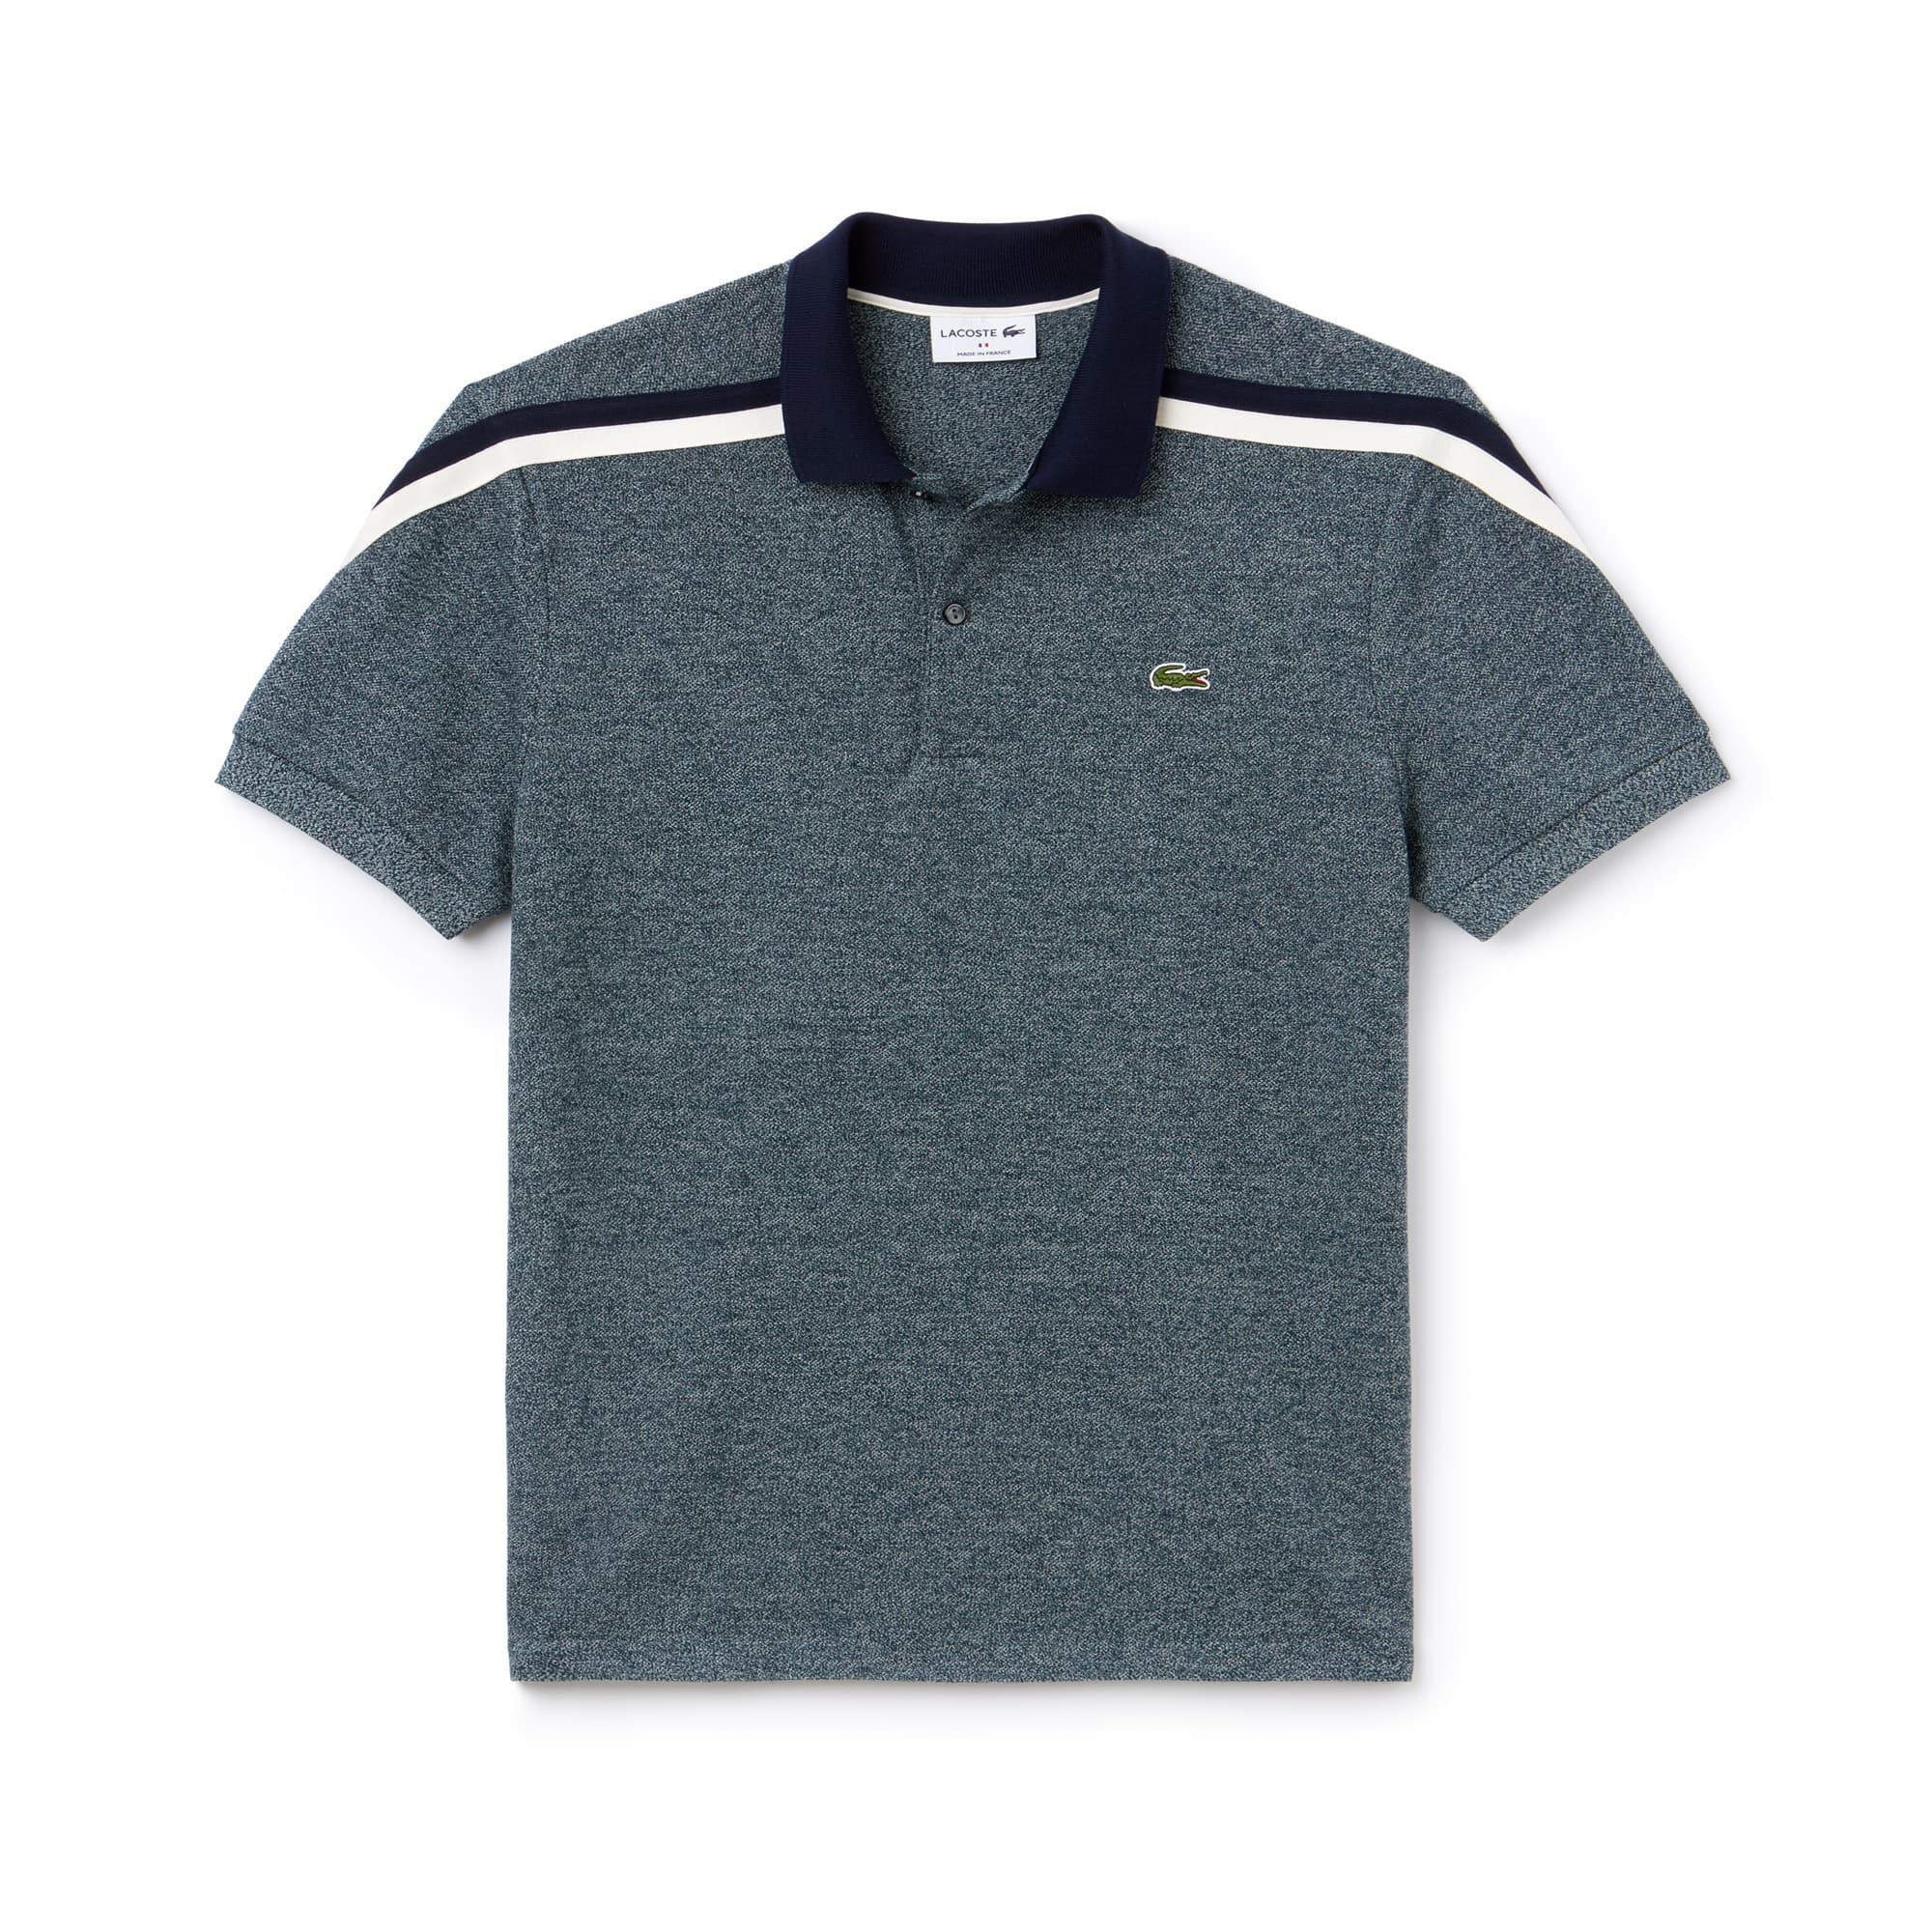 Men's Lacoste Motion Regular Fit Cotton Piqué Polo